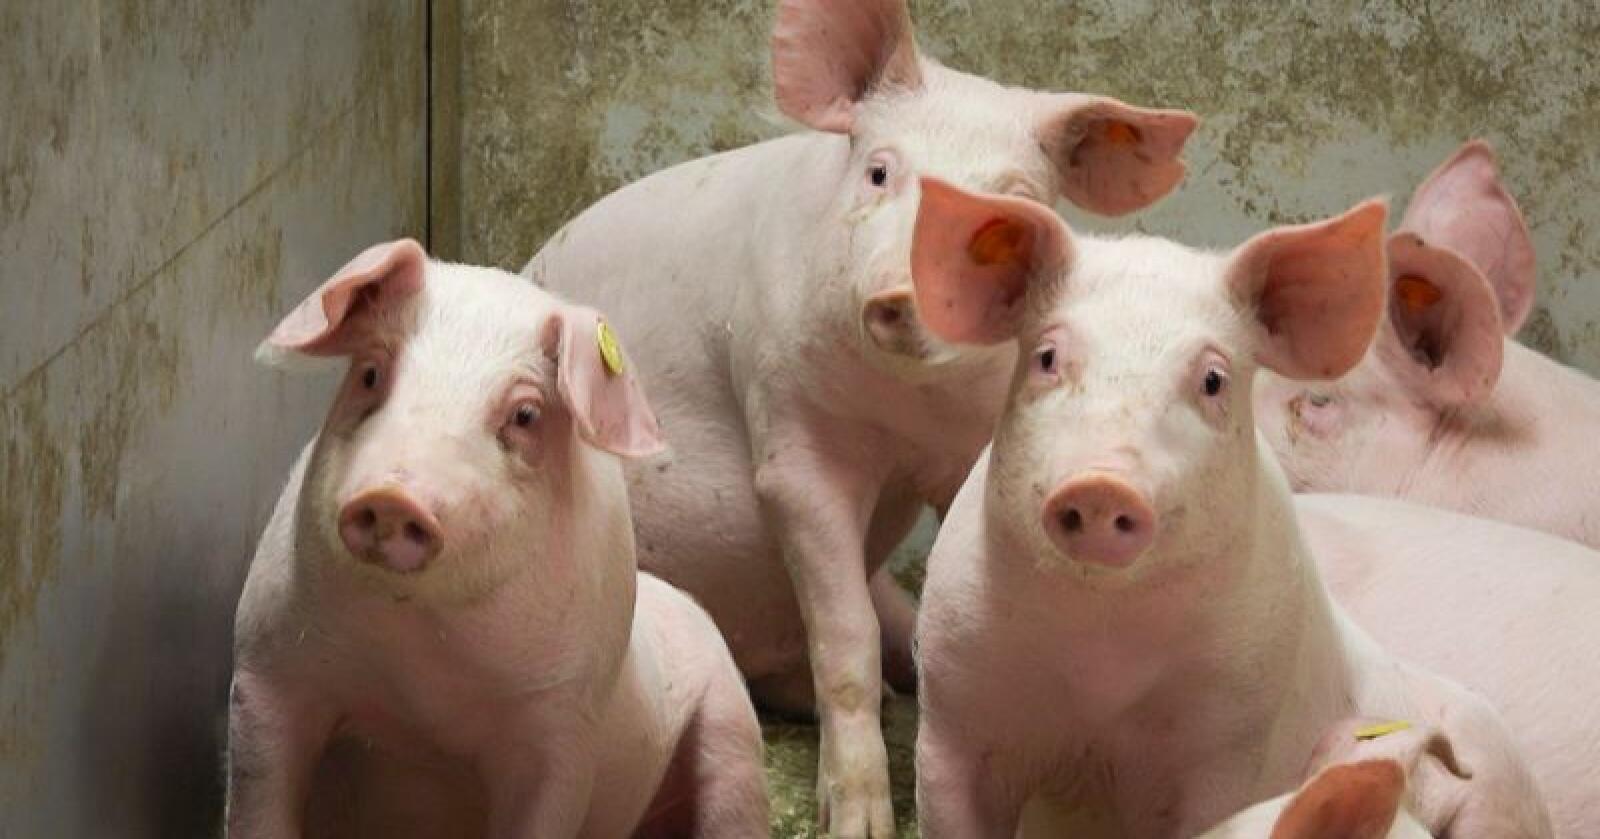 Debatten om hvordan det egentlig står til med dyrevelferden i norsk svineproduksjon, har blusset opp igjen. Grisene på bildet har ikke noe med den nye NOAH-filmen å gjøre. Illustrasjonsfoto: Hallfrid Simonsen